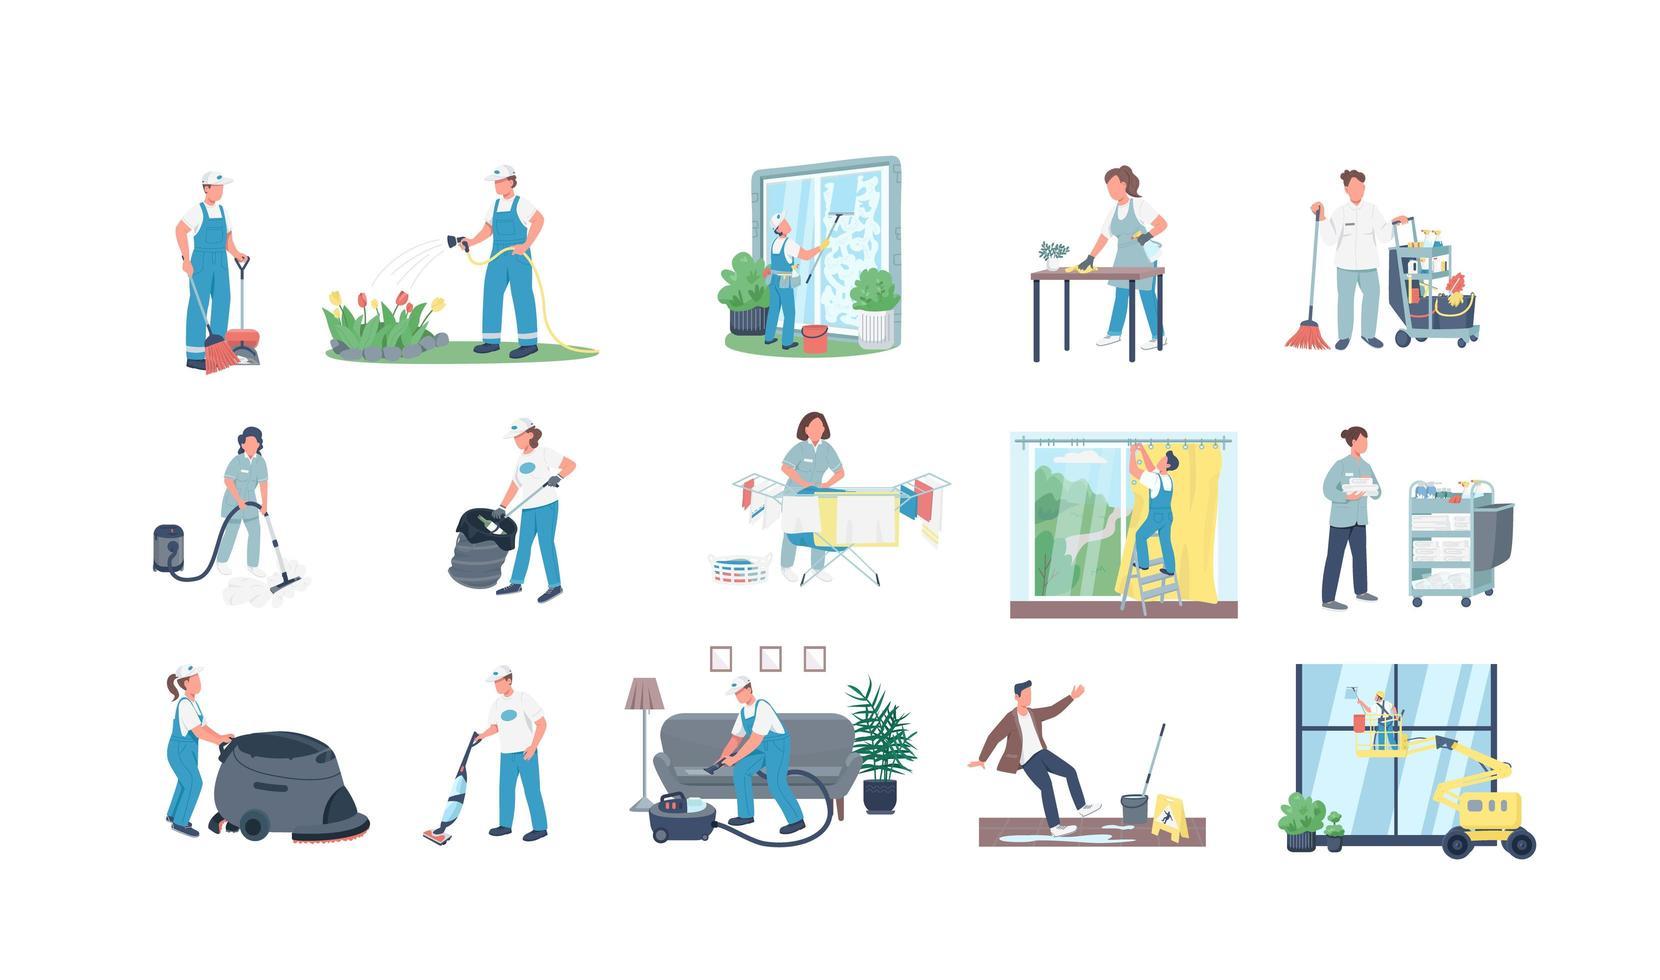 conjunto de caracteres de vector plano de limpiadores